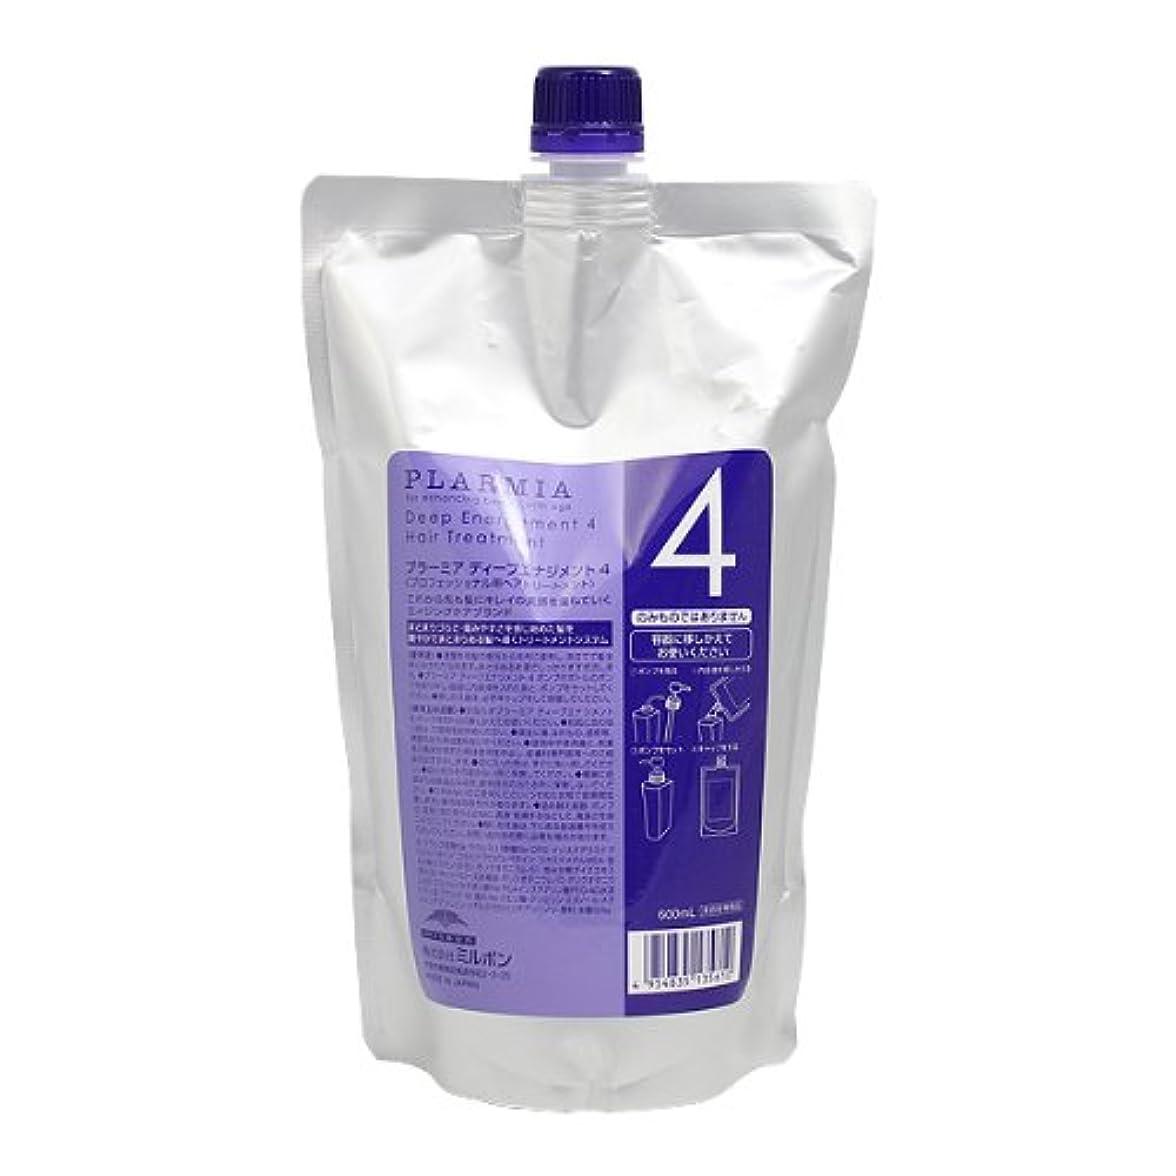 臭い大学生差し引くミルボン プラーミア ディープエナジメント4 詰替用 600ml 詰替え用(レフィル)